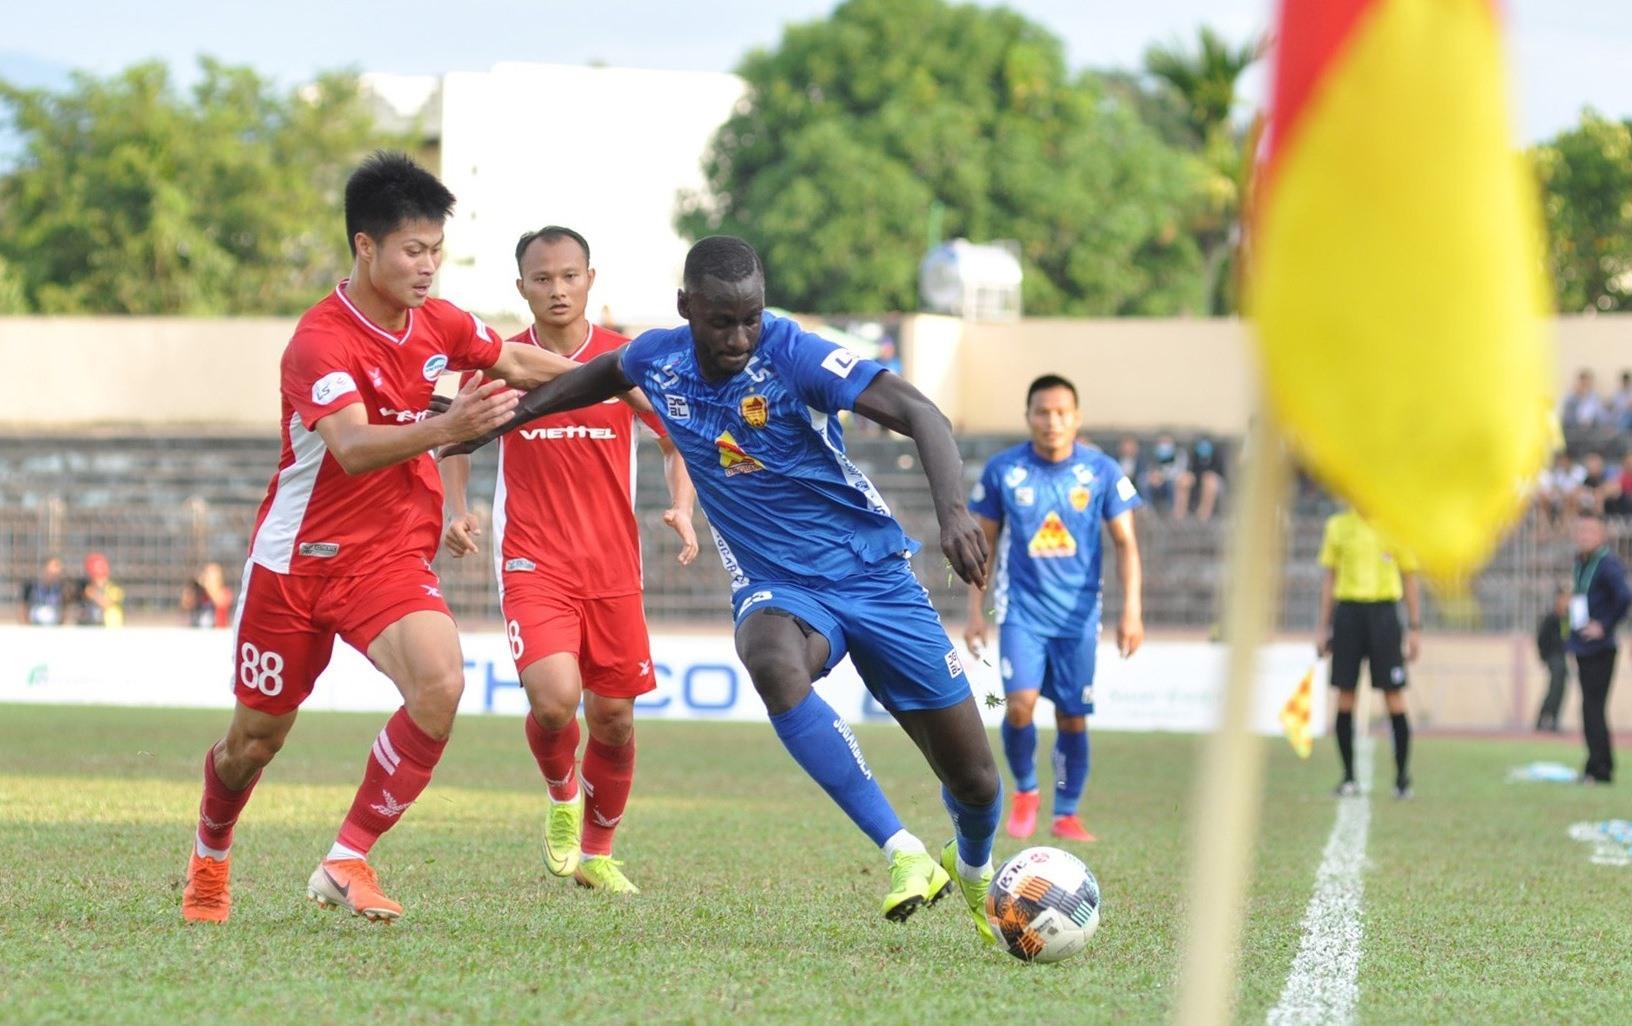 Kebe (áo xanh) hy vọng sẽ tiếp tục nổ súng để giúp Quảng Nam có chiến thắng. Ảnh: A.S